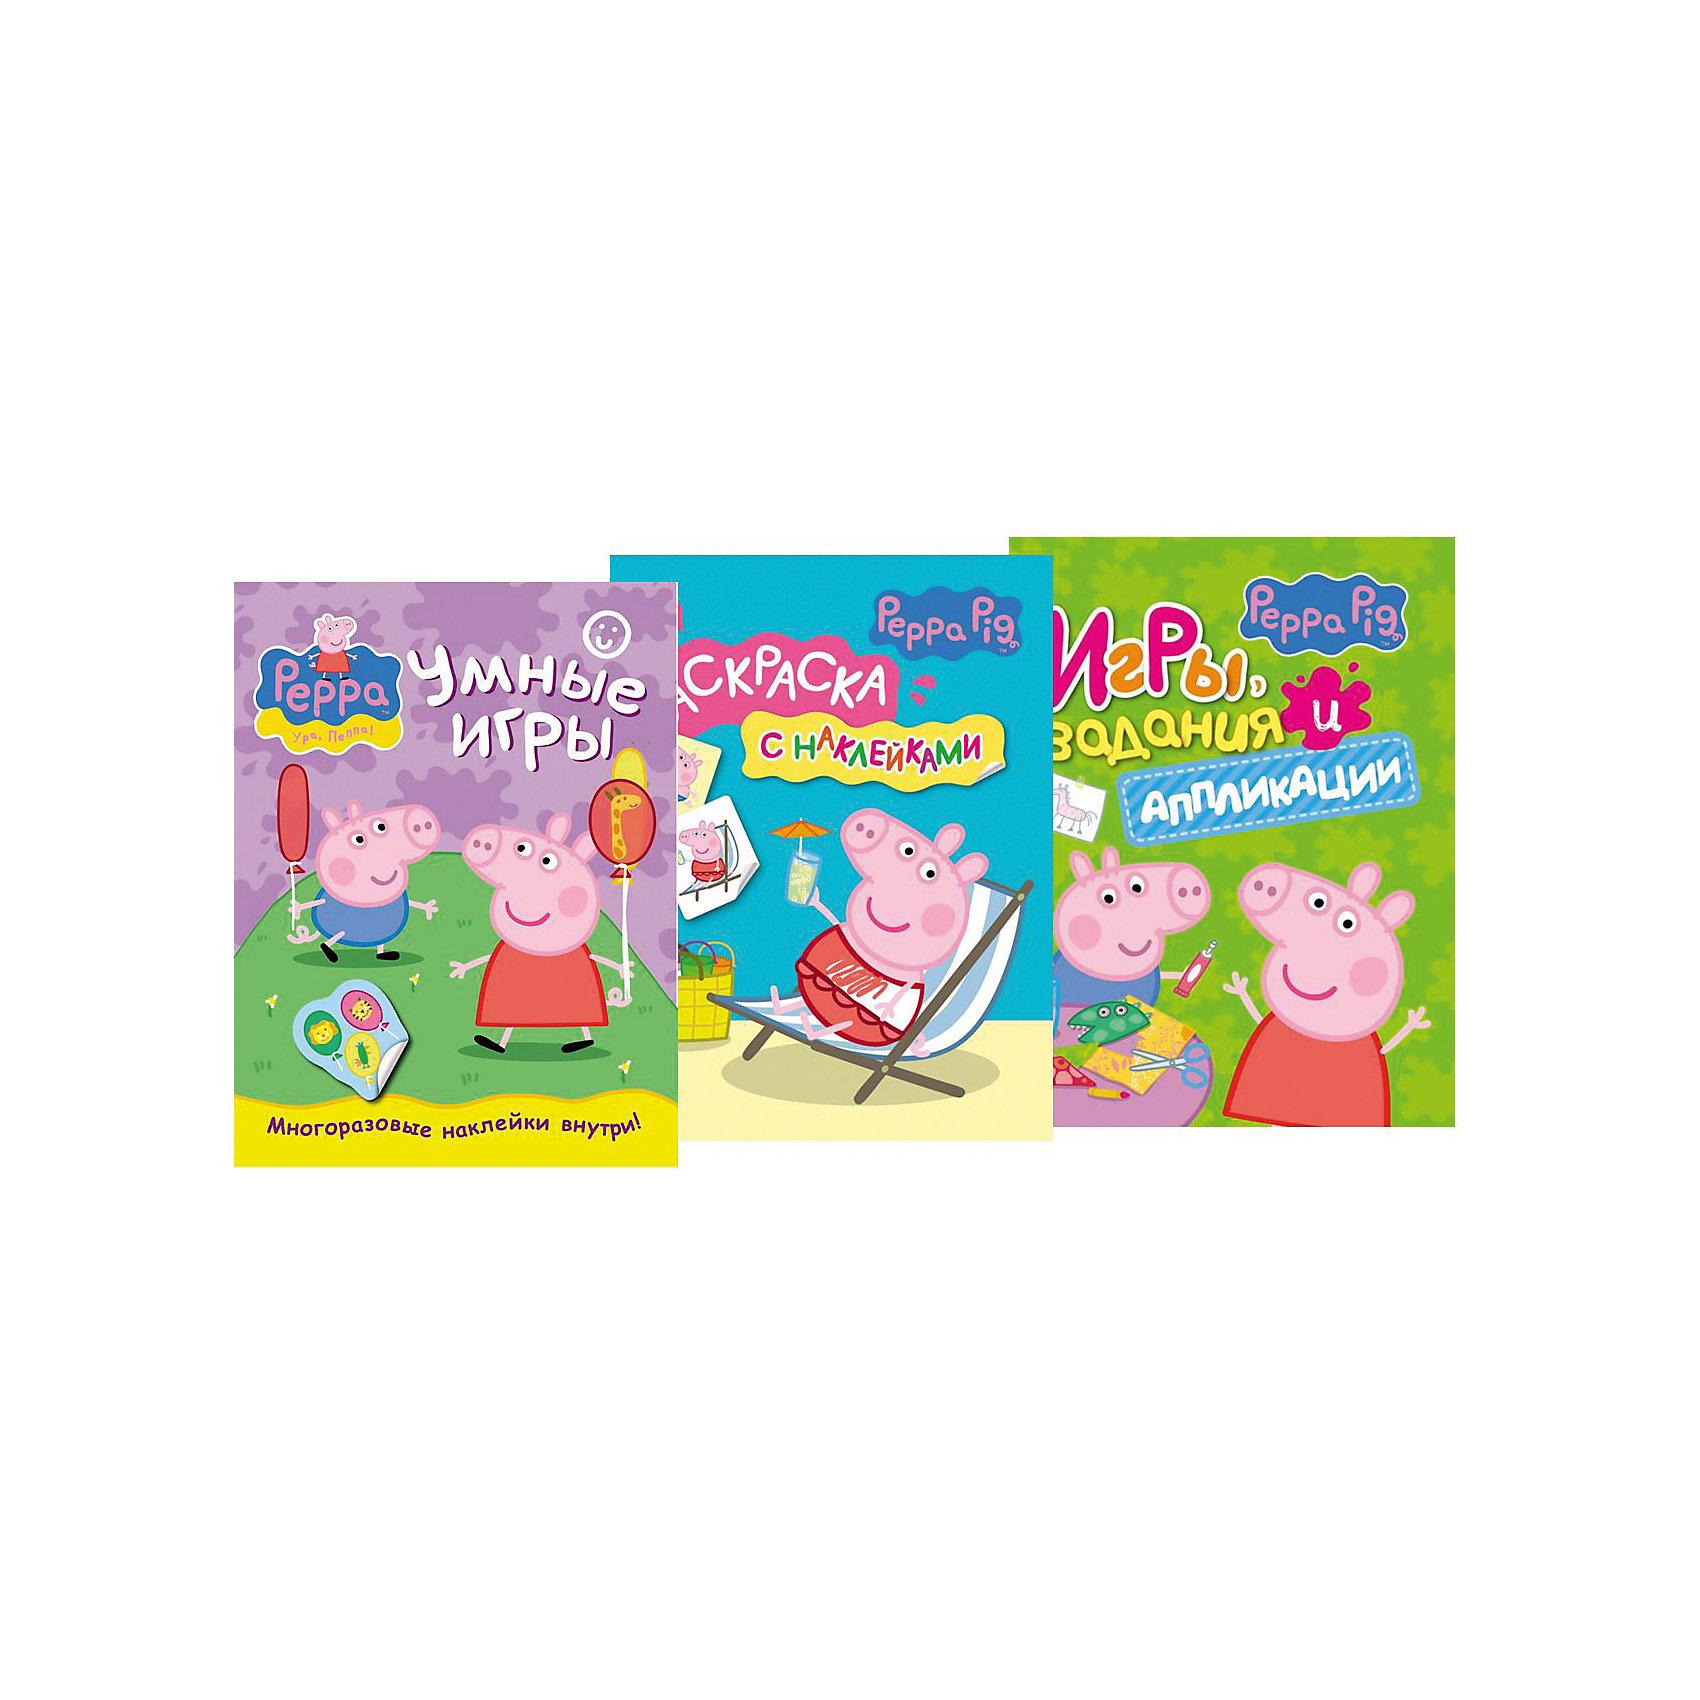 Росмэн Комплект Свинка Пеппа: Раскраски, игры, наклейки ben10 игры и наклейки